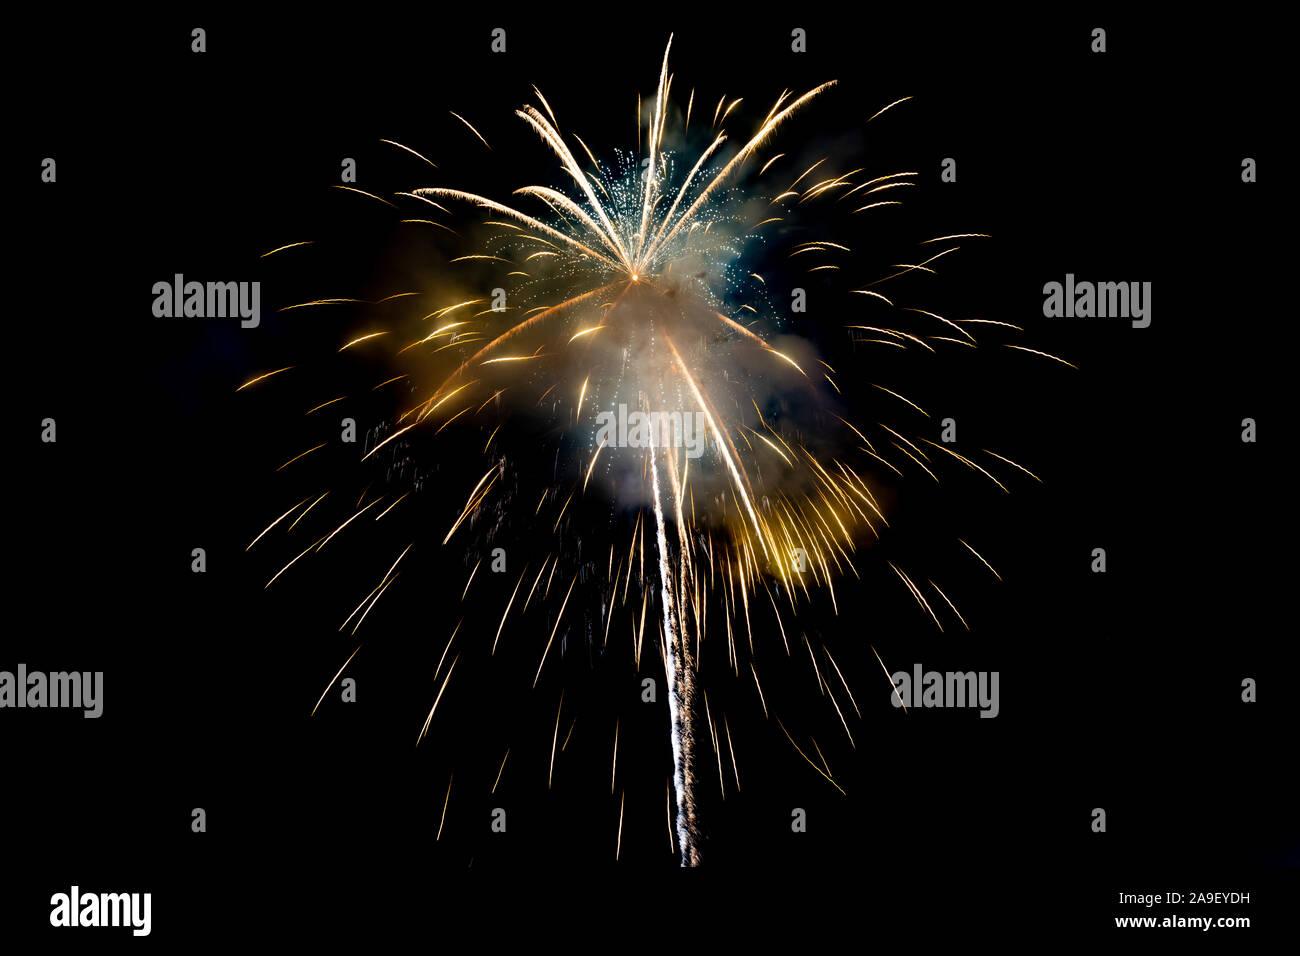 Amarillo brillante fuegos artificiales de fondo en una escena nocturna. Resumen de color de fondo y el humo de fuegos artificiales en el cielo Foto de stock